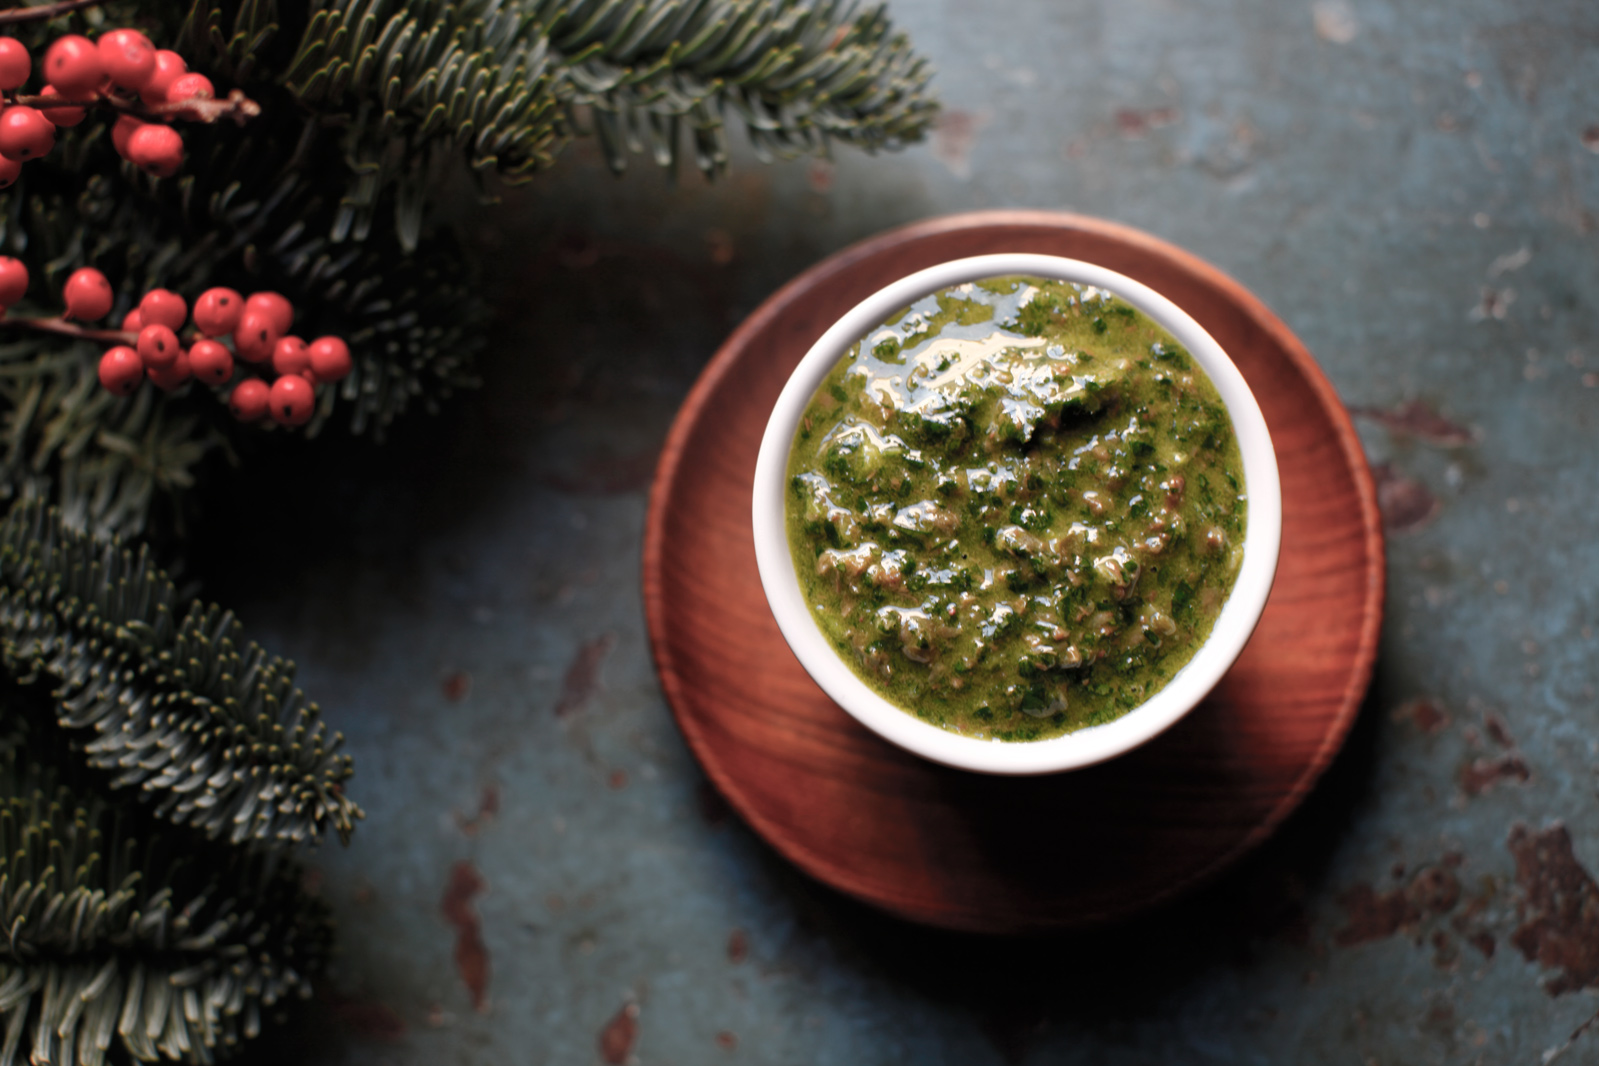 pici-e-castagne-salsa-verde-2